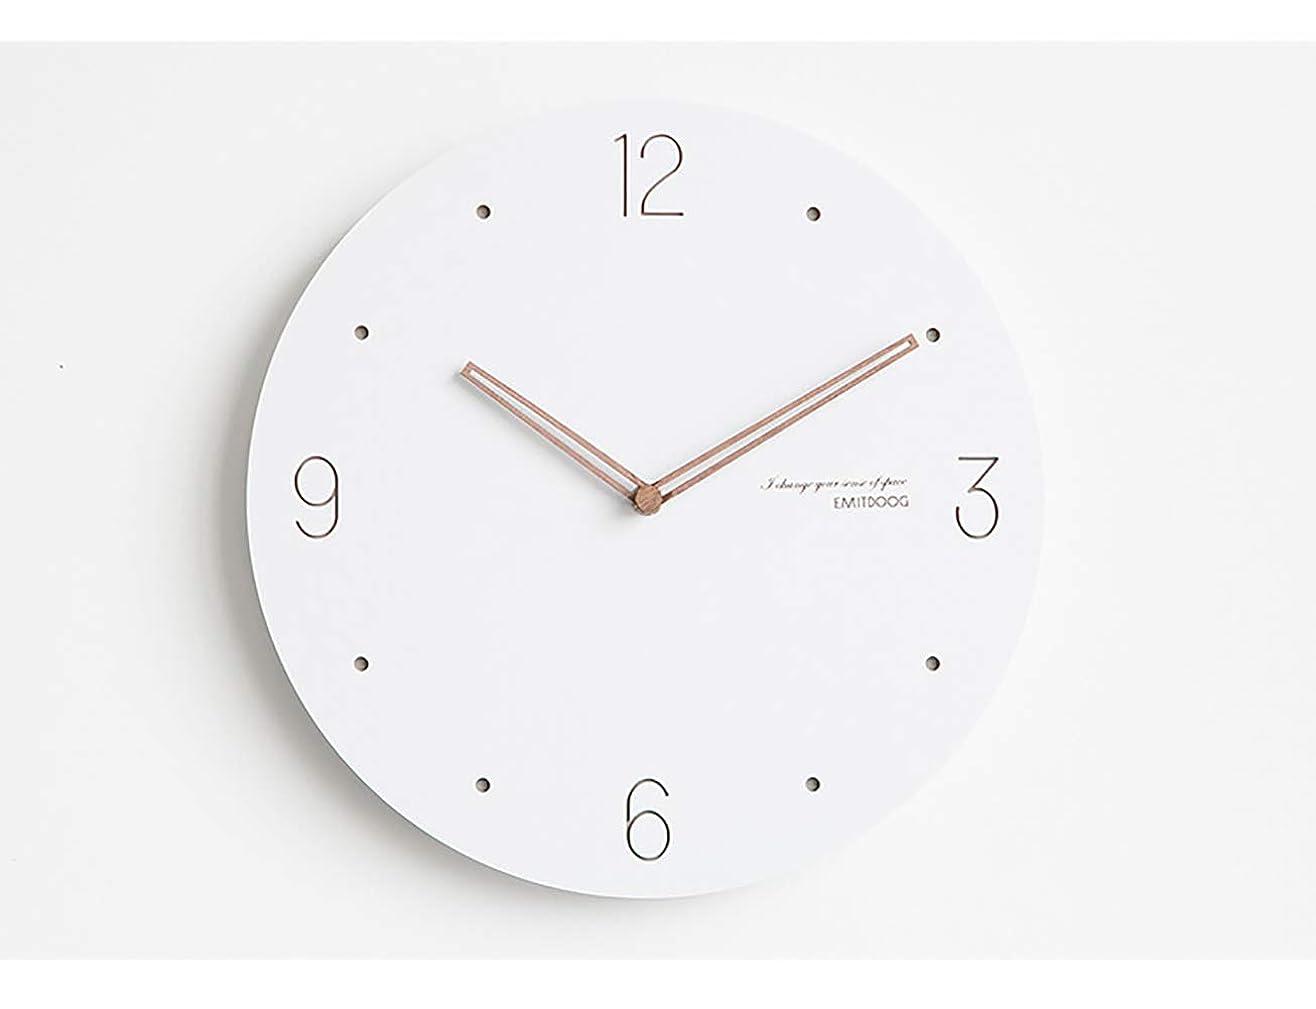 四回画面飛行機PFLife 掛け時計 スイープ(連続秒針)静音 シンプル デザイン 北欧インテリアおしゃれ 部屋装飾 インテリア (S, Ⅳ)